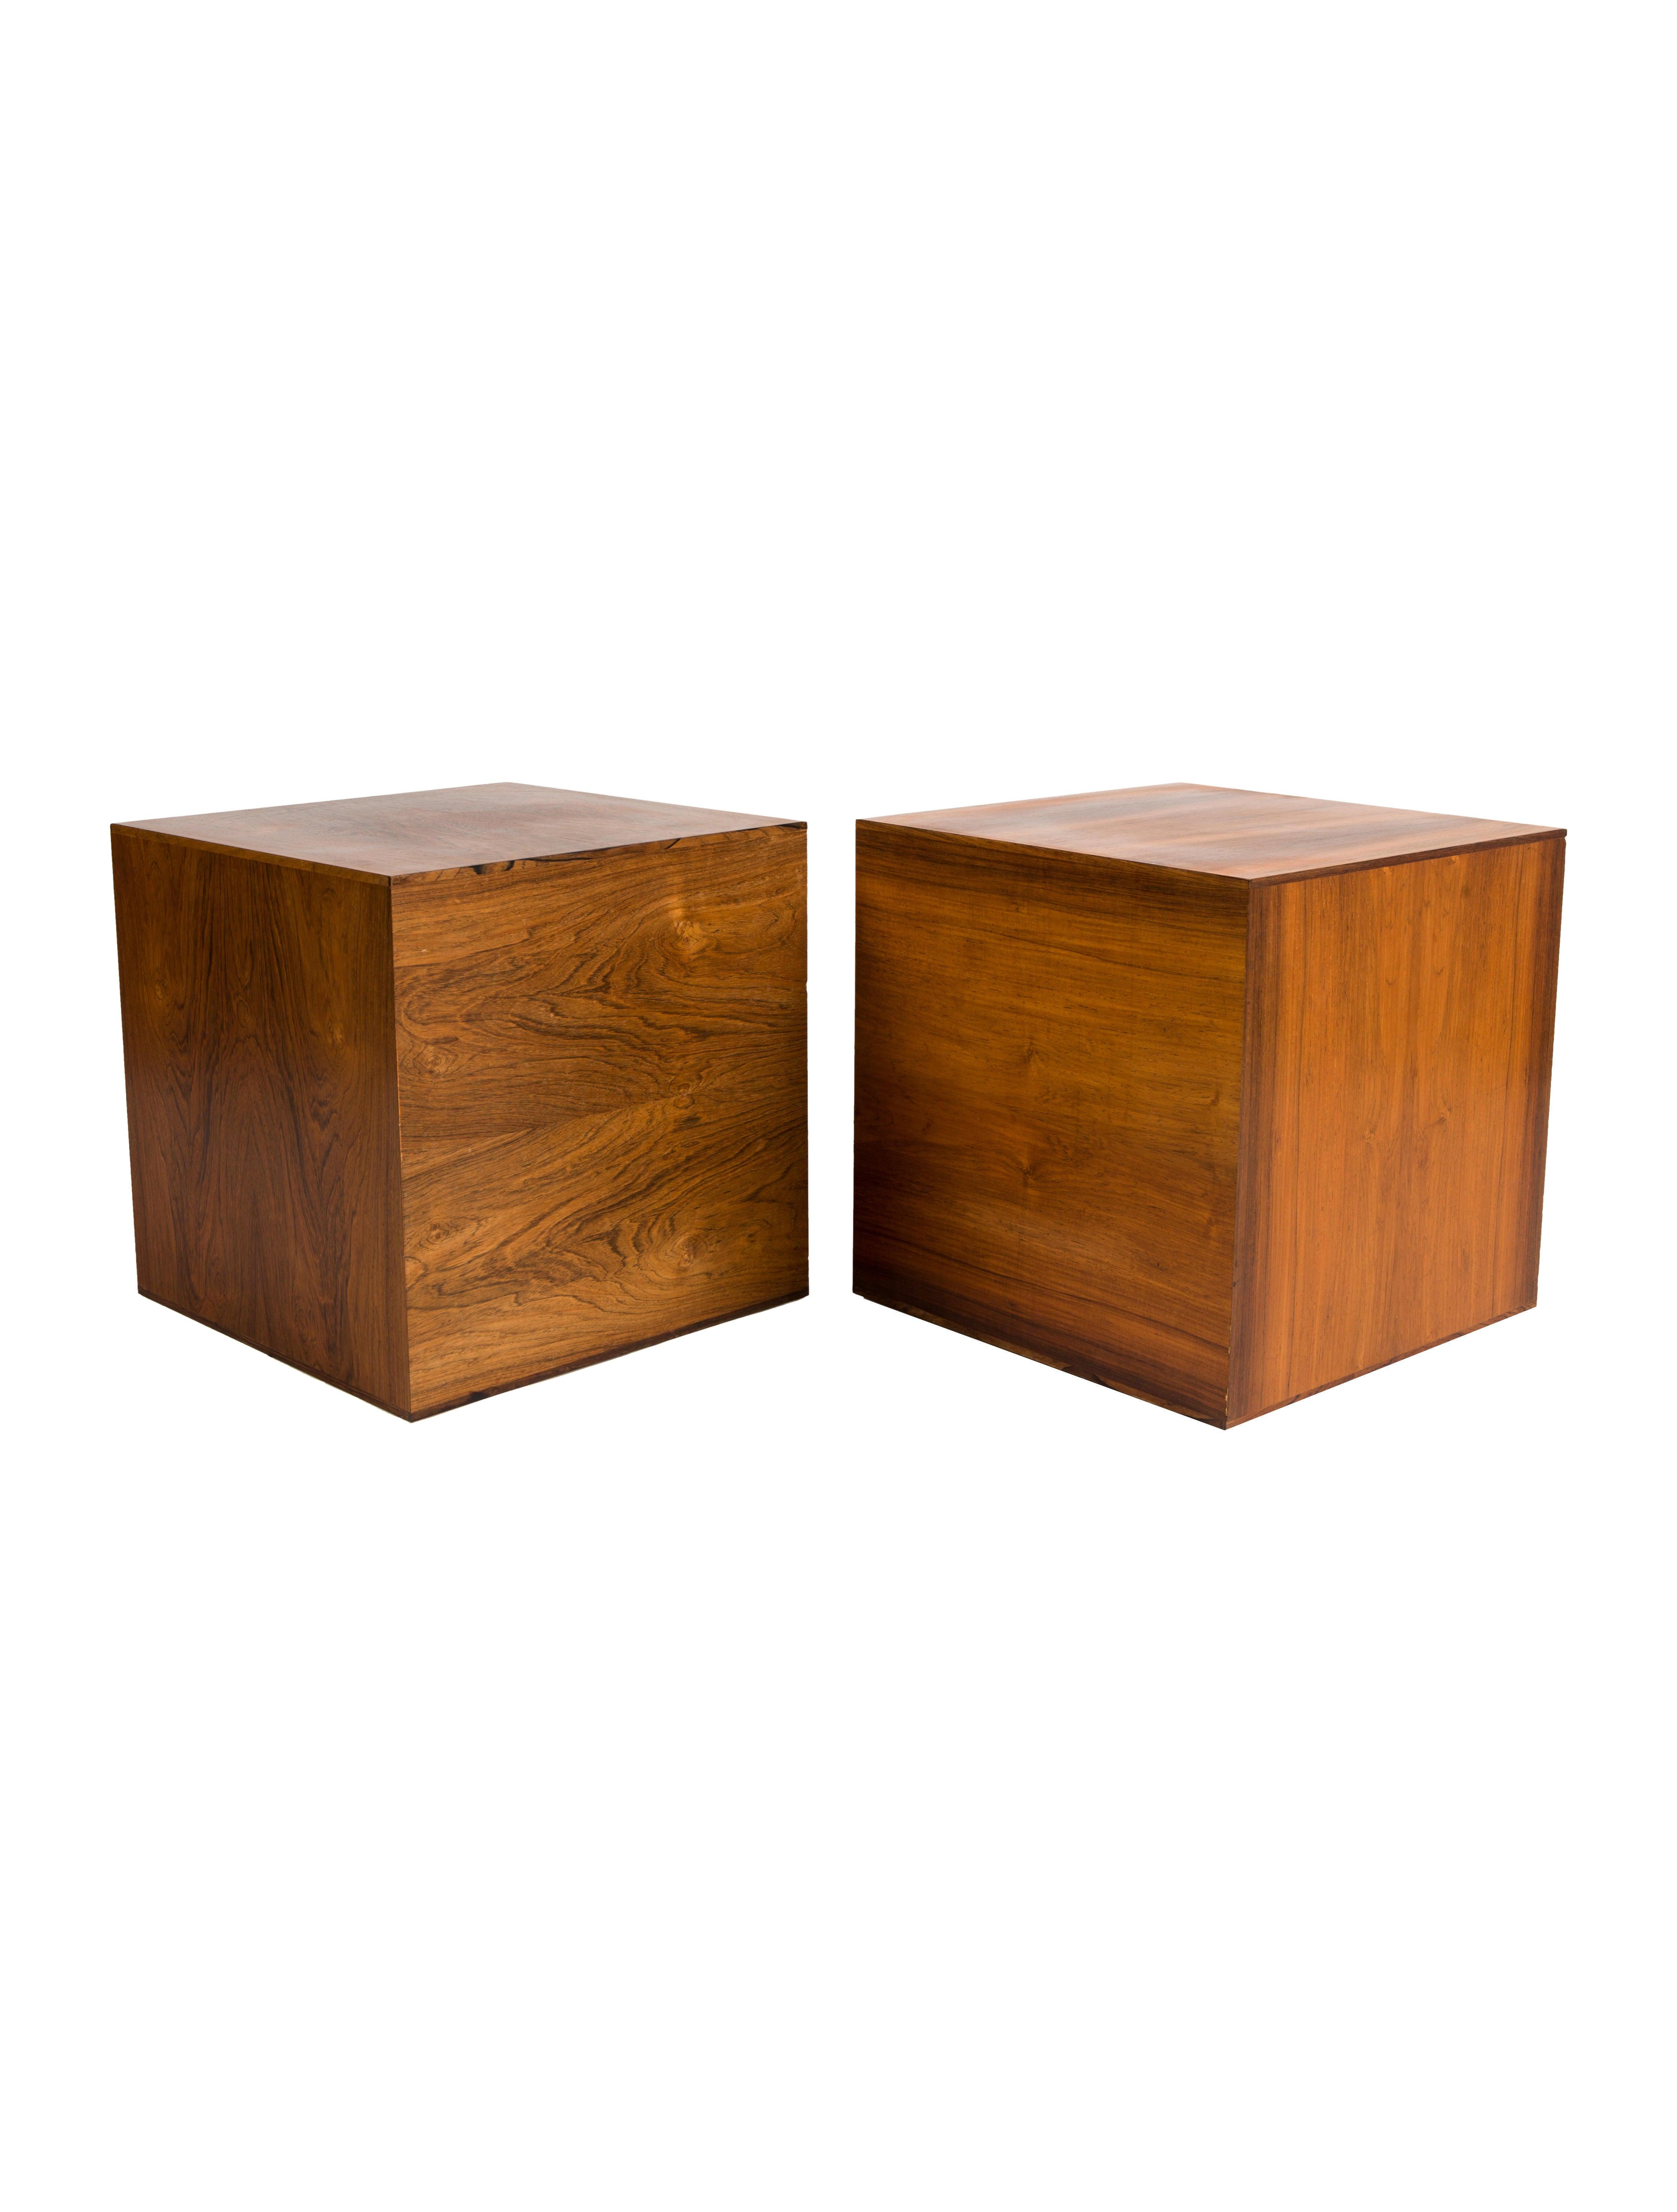 Georg Petersens Mobelfabrik Wood Cubes Furniture